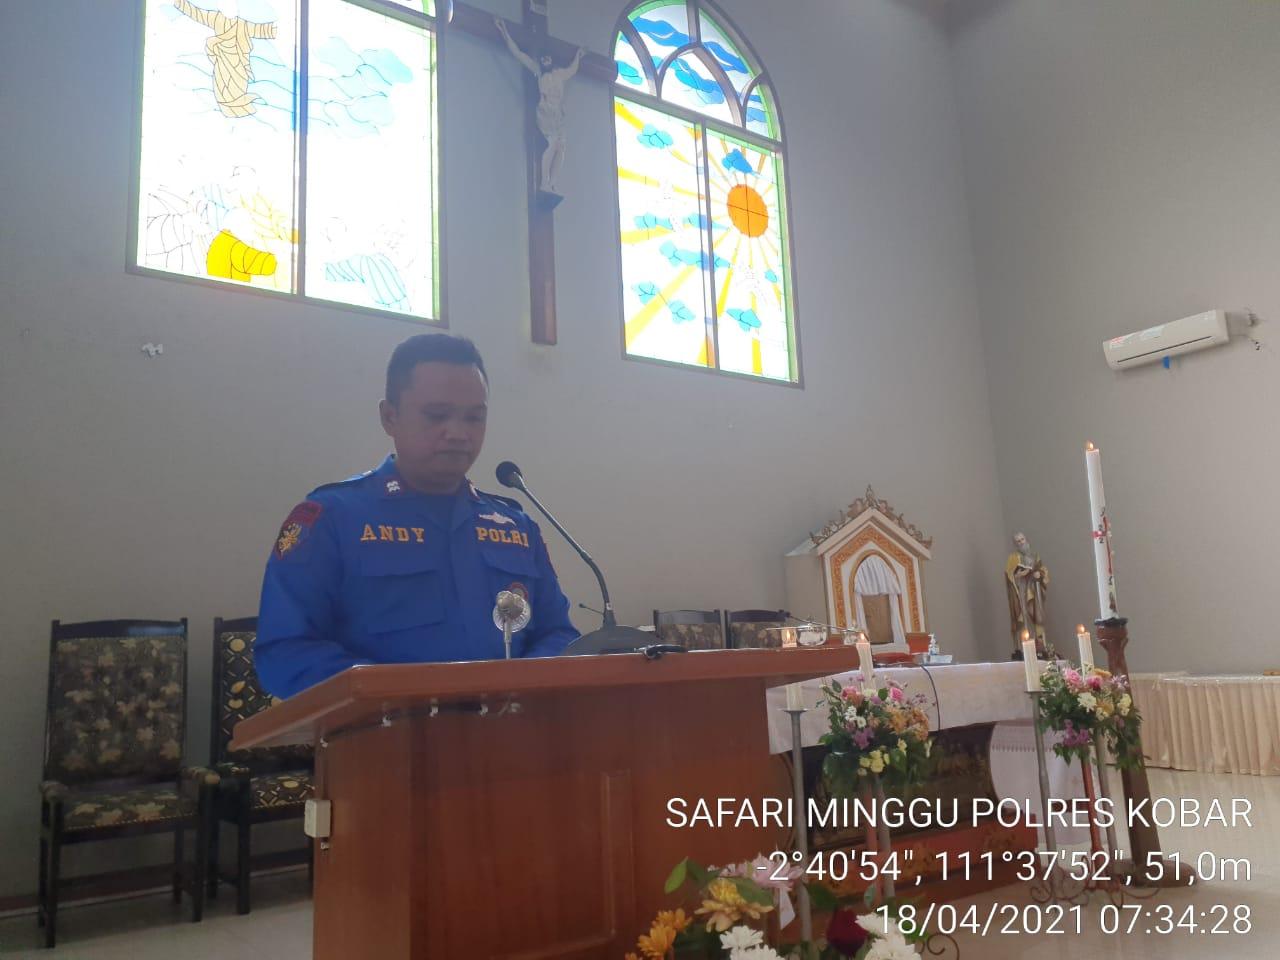 Personel Satpolairud Polres Kobar Berikan Imbauan Prokes dan Kamtibmas Di Gereja Katolik Santo Paulus